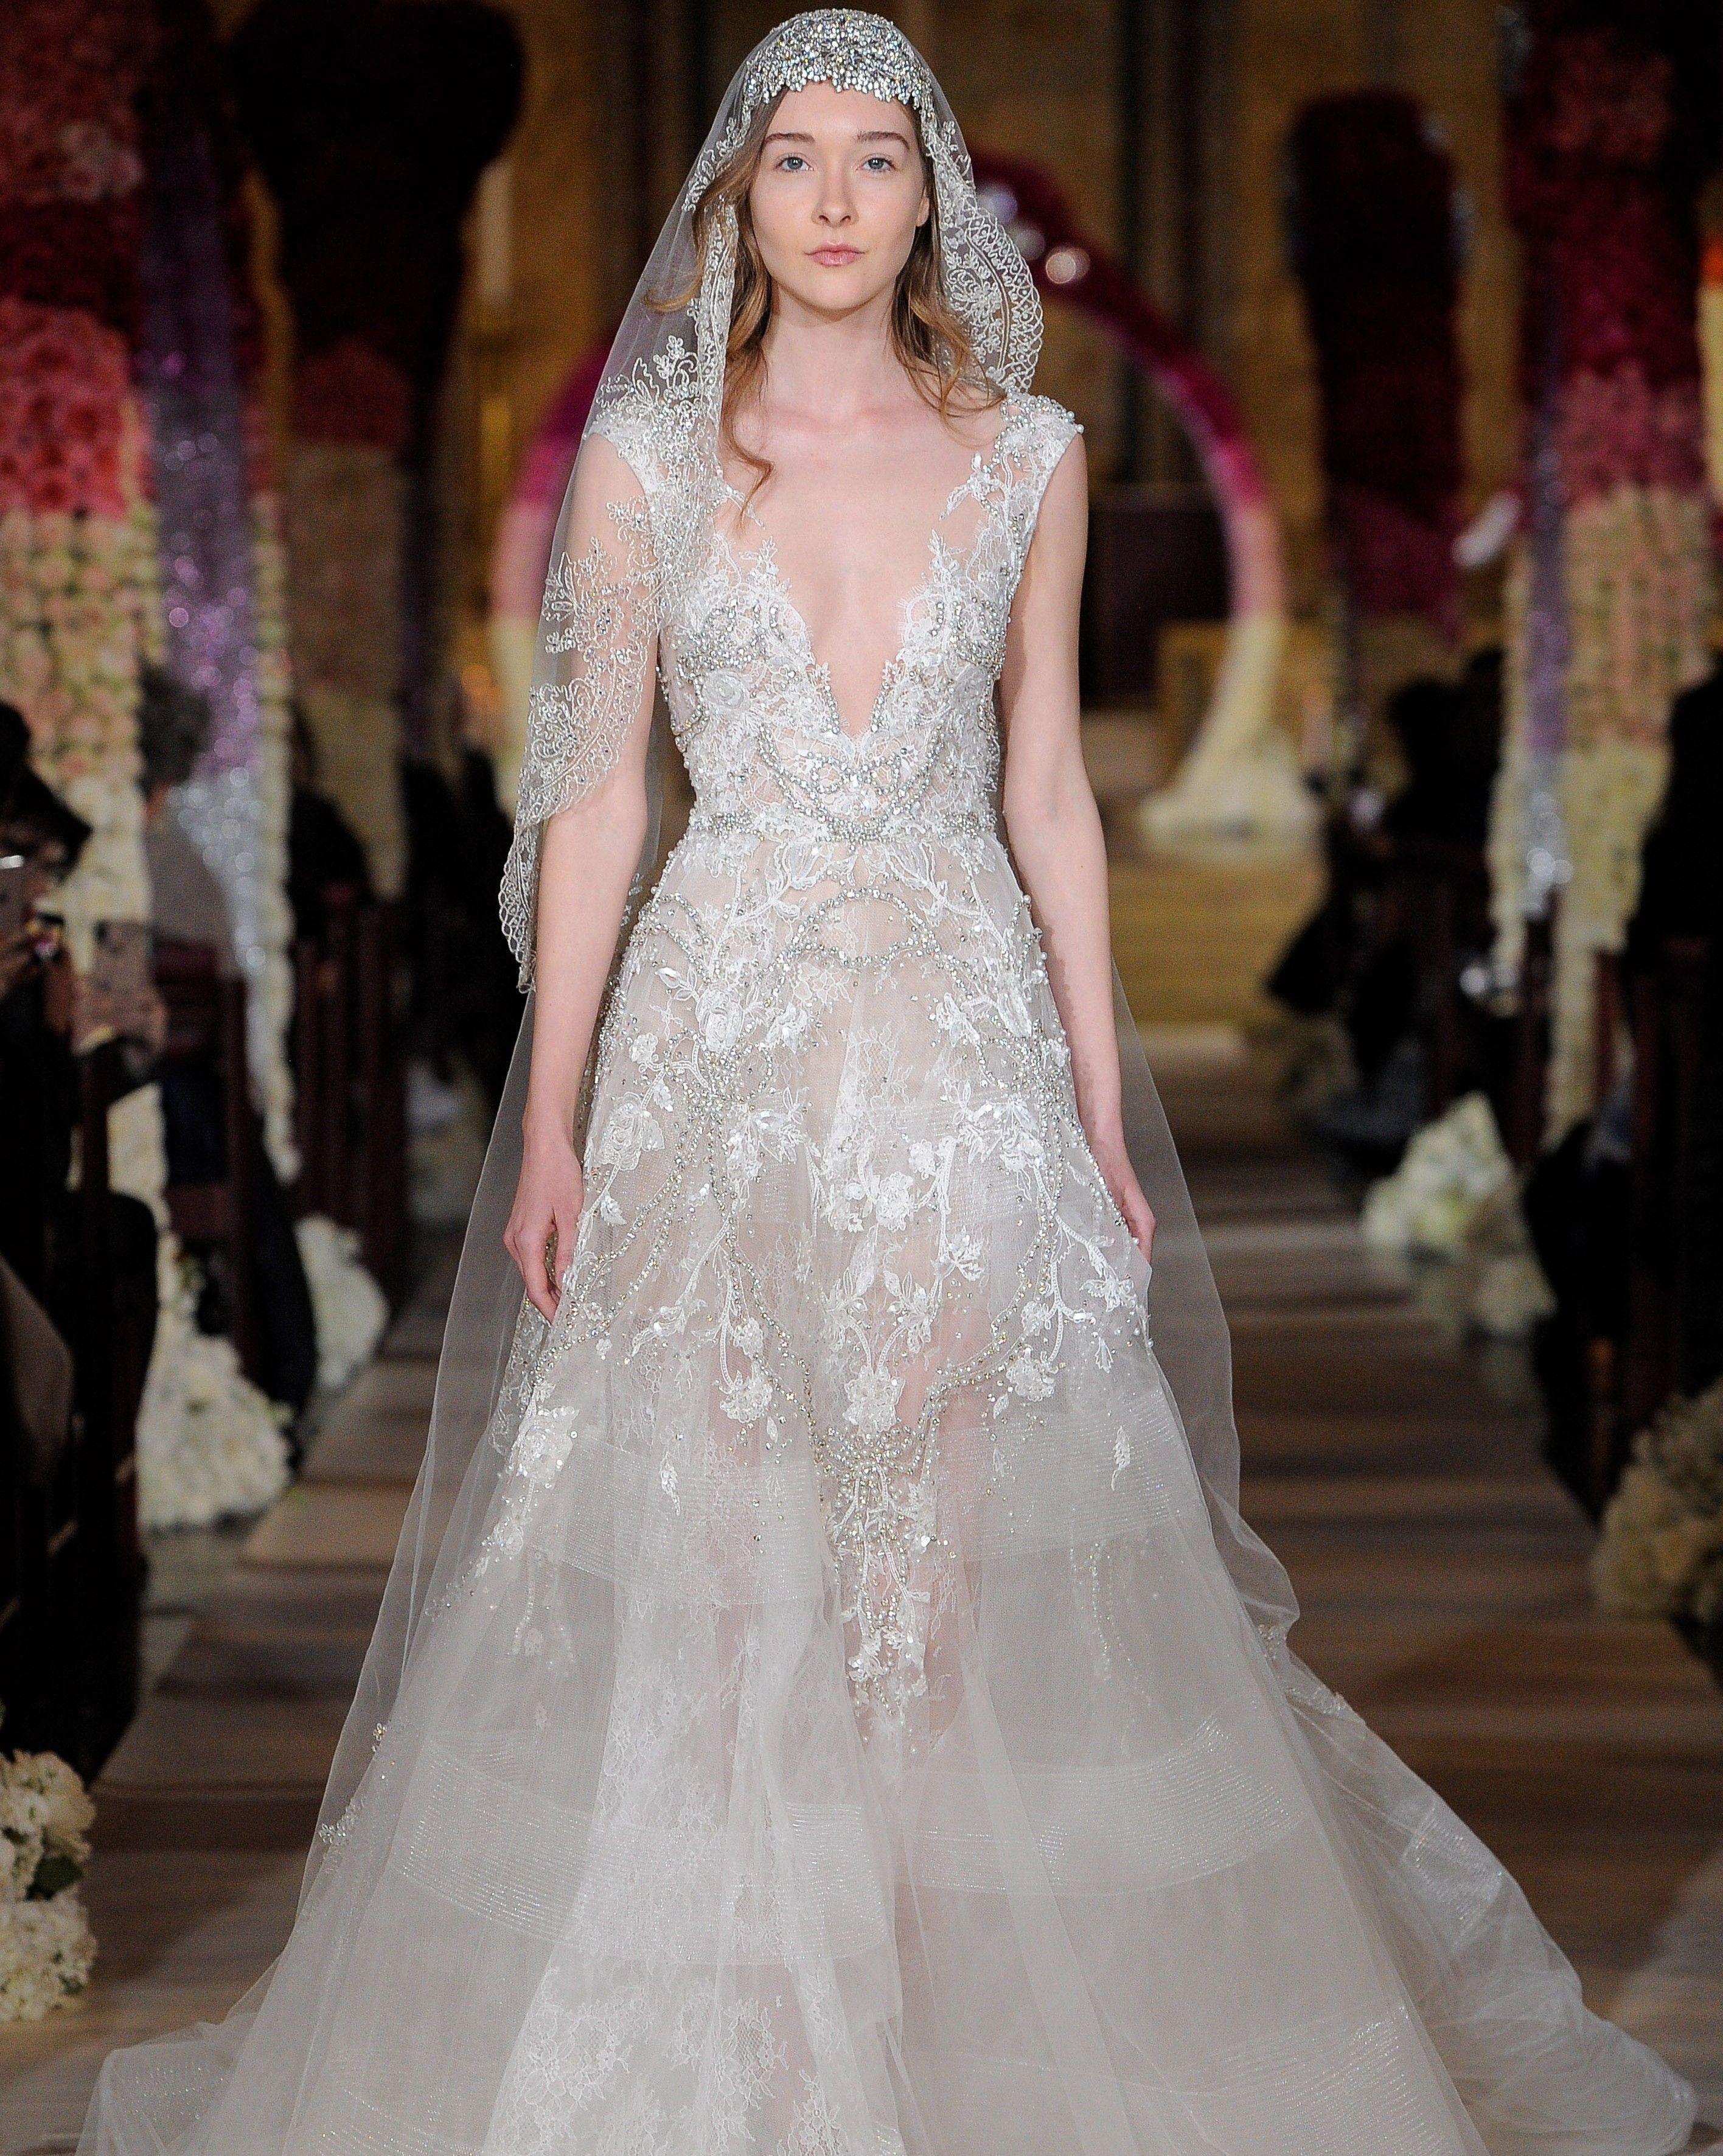 ea4ead143a0b Reem Acra Spring 2020 Wedding Dress Collection | Bridal Fashion Week ...